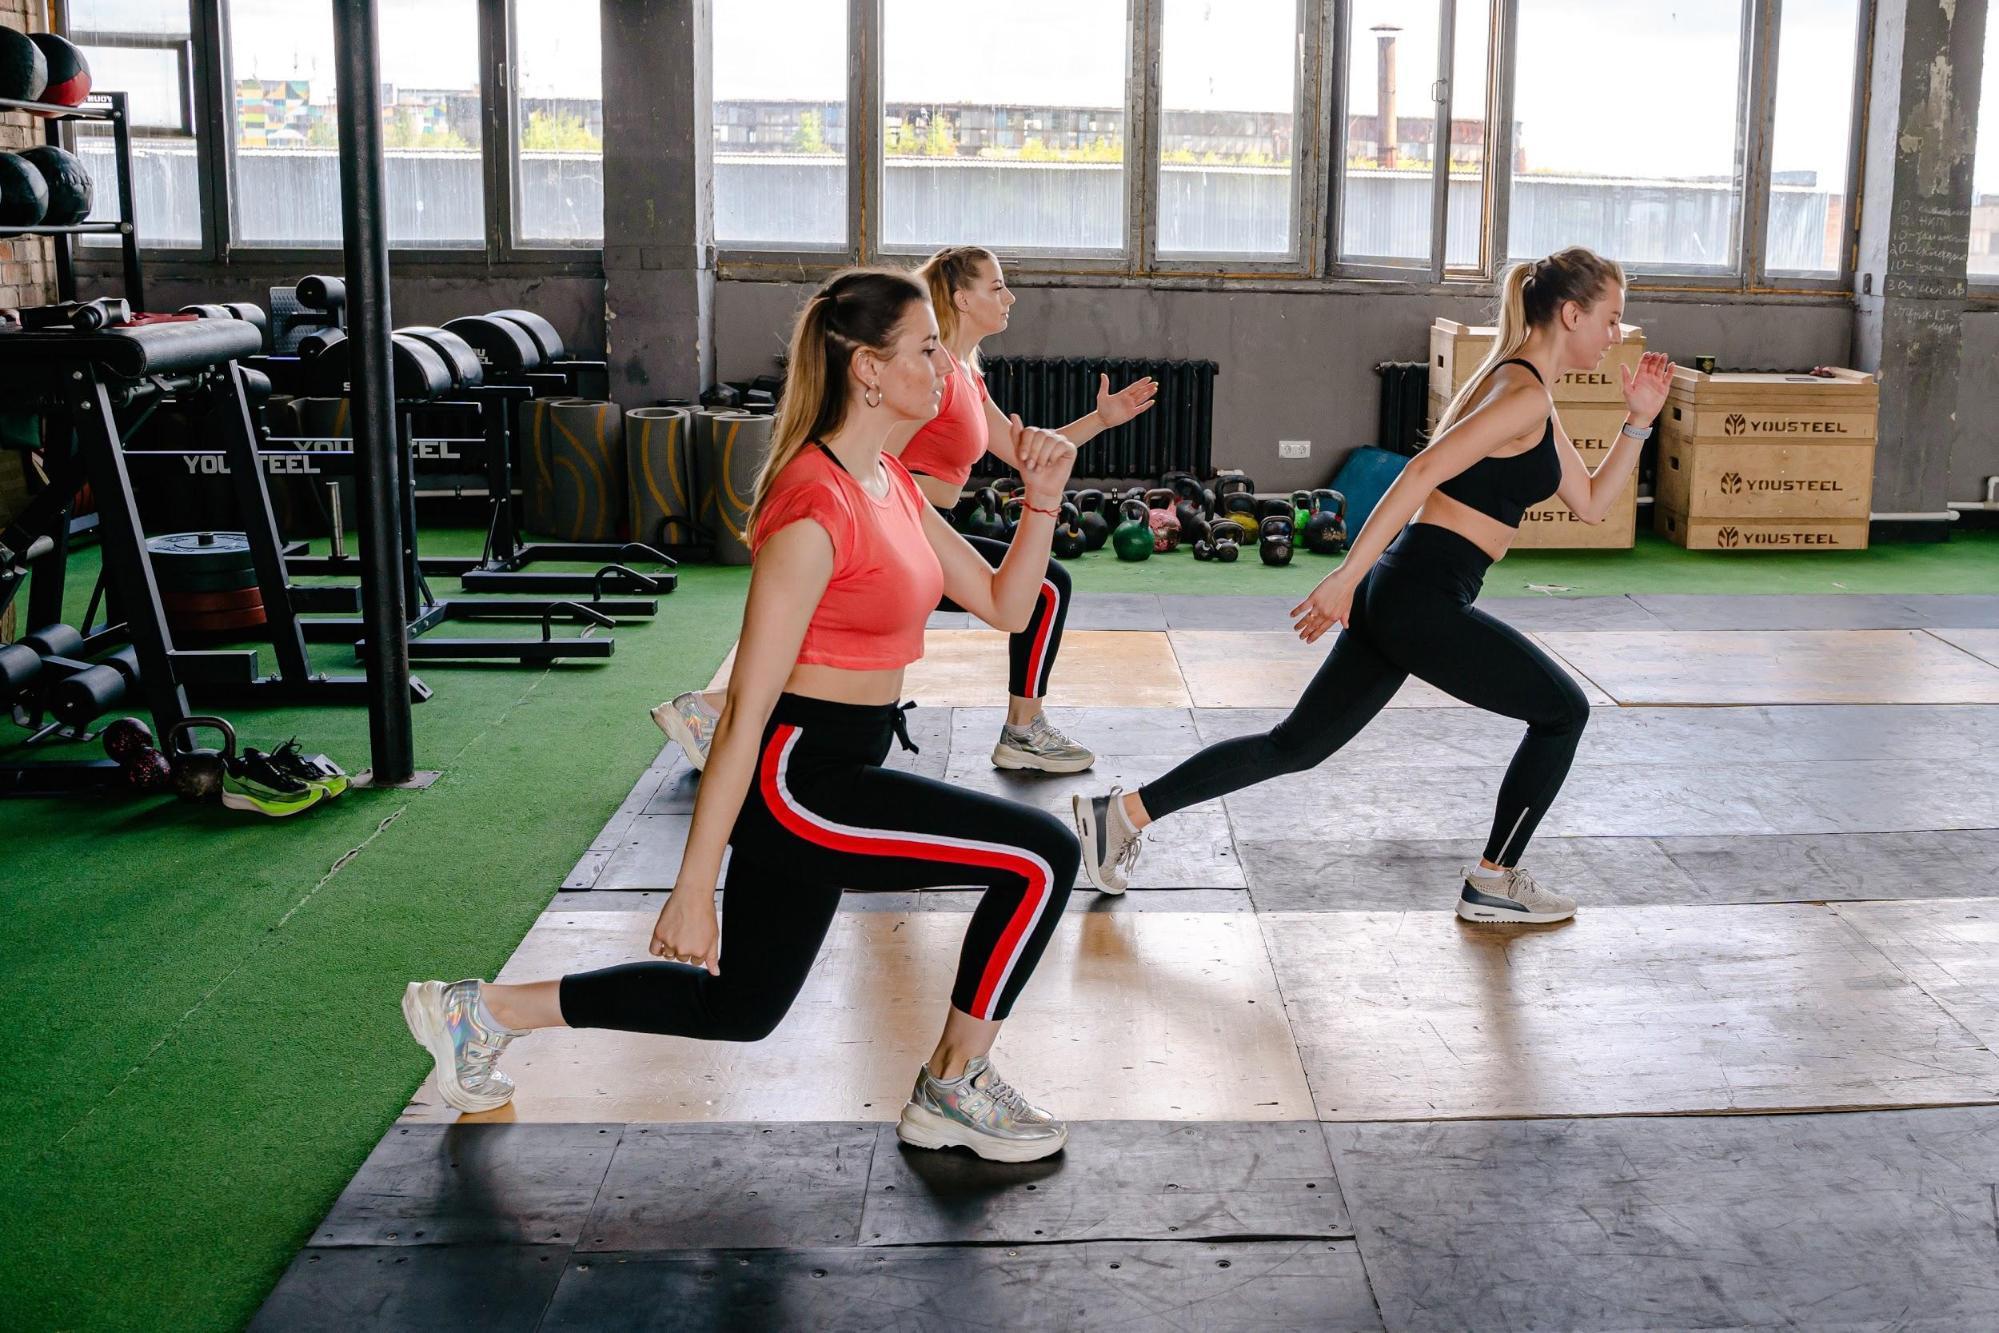 когда лучше тренироваться для похудения дома